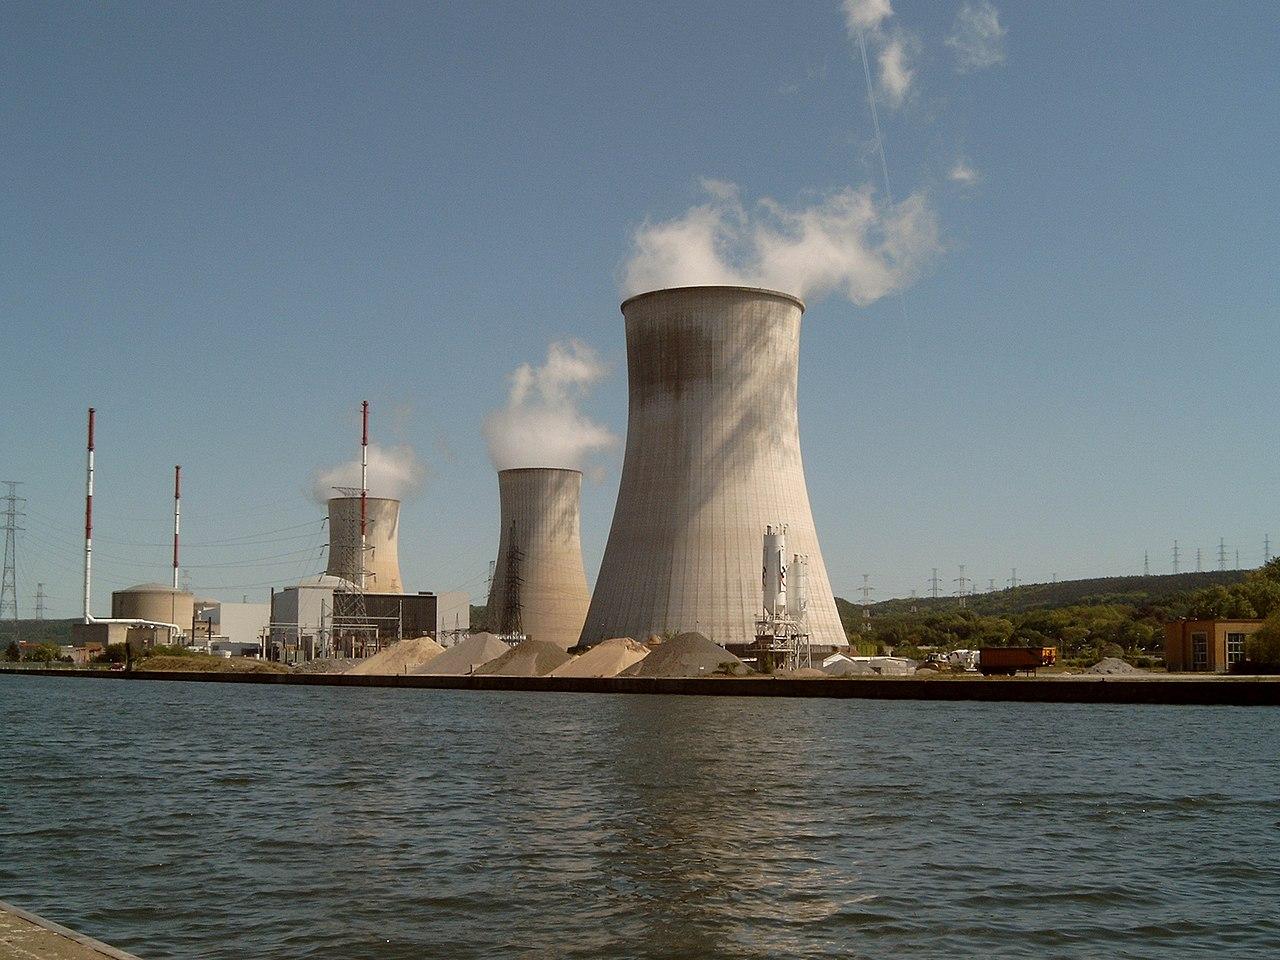 Blick auf das Kernkraftwerk mit seinen Kühltürmen